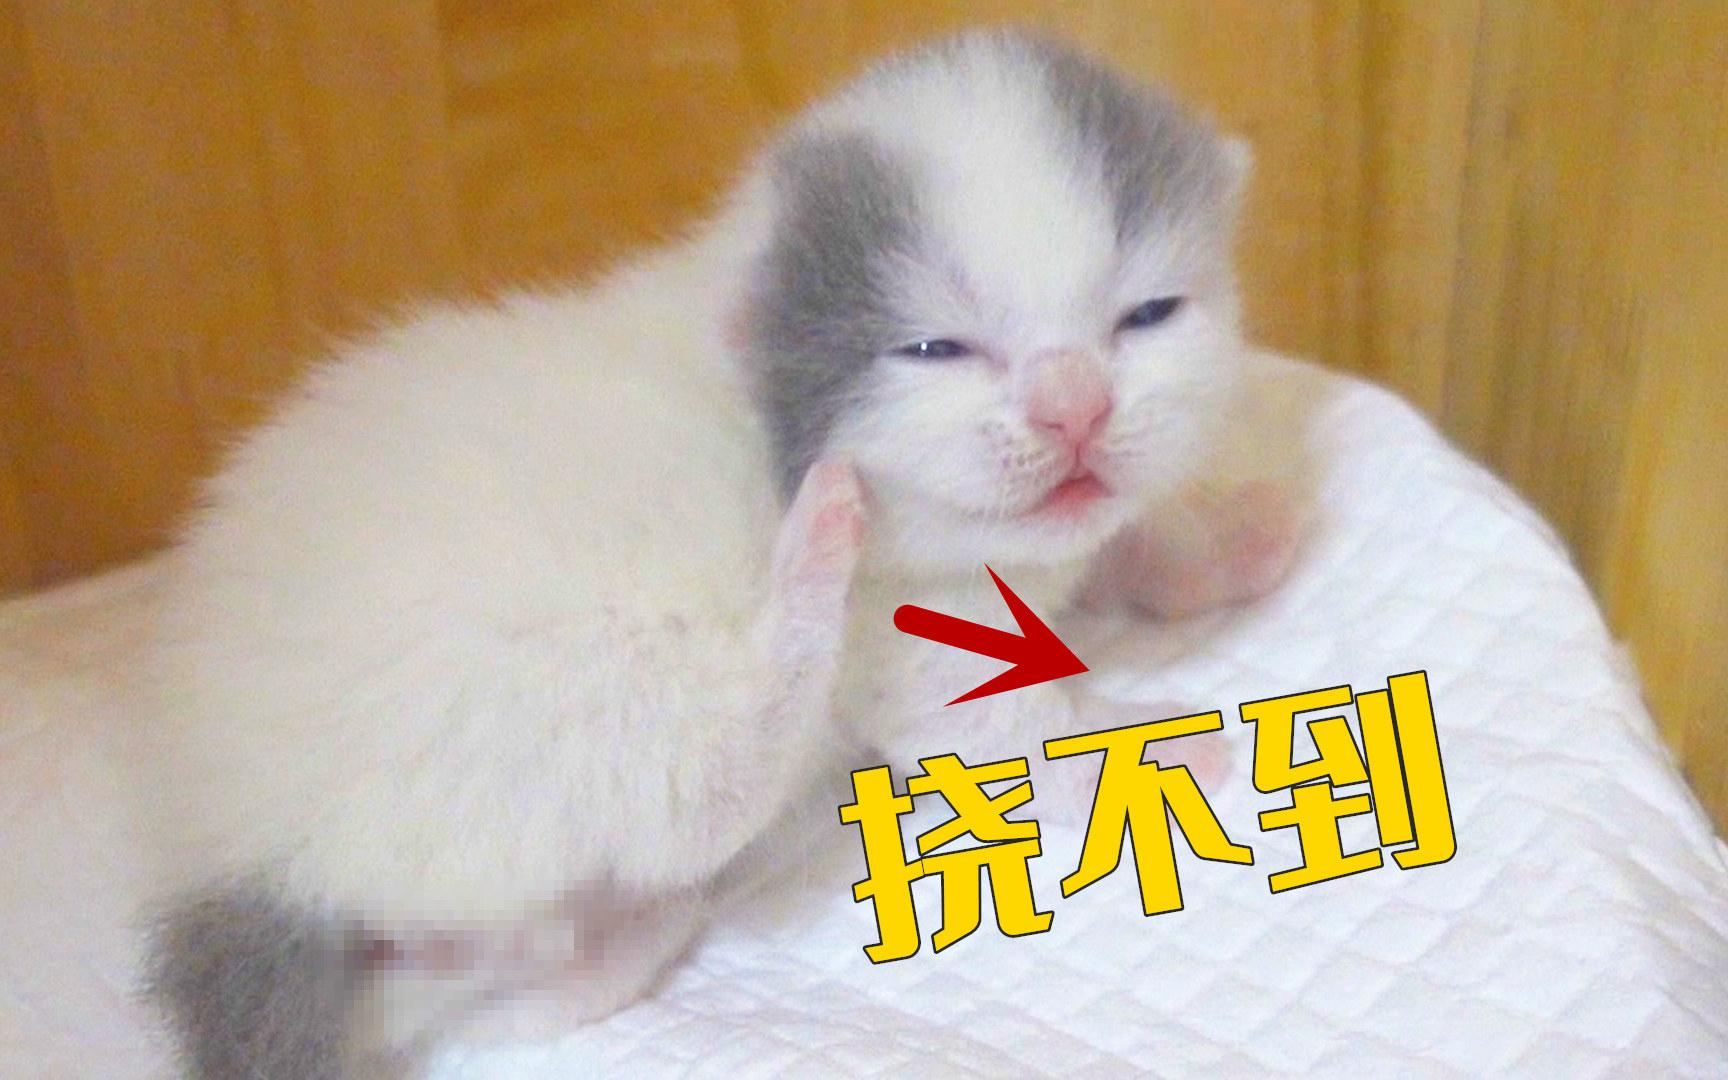 小奶猫学妈妈挠痒痒,结果腿短碰不到,一脸傻样!